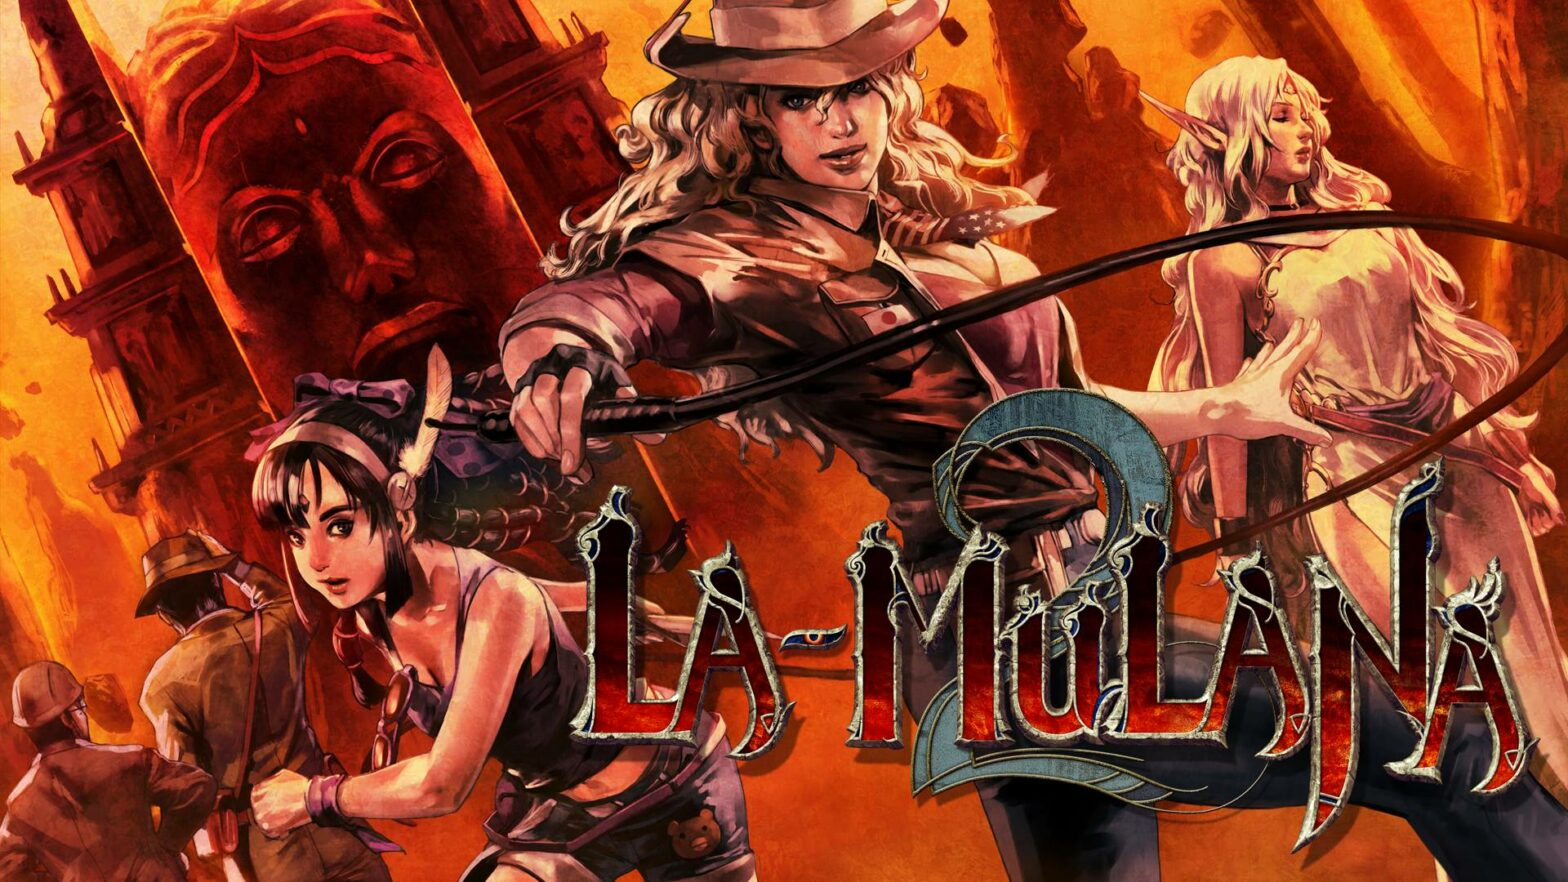 La-Mulana 2 veröffentlicht